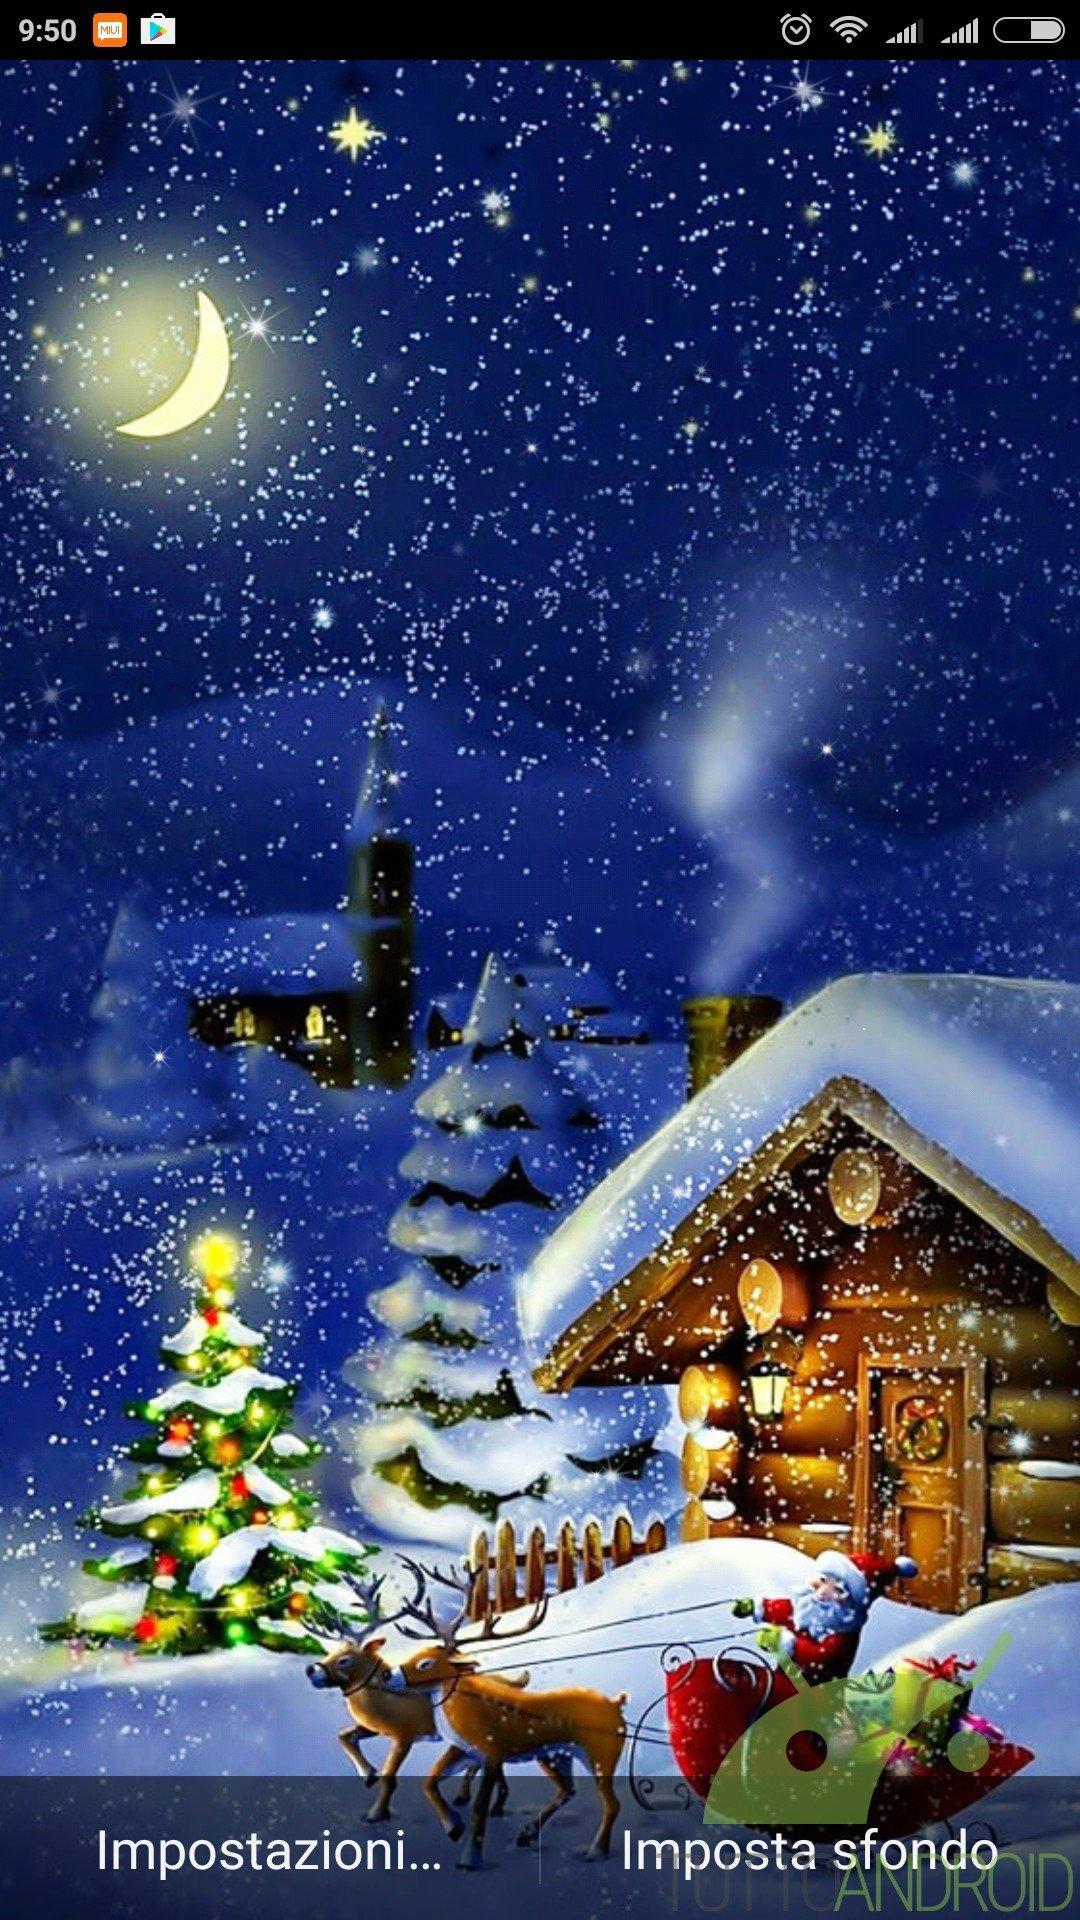 Sfondi Natalizi Animati.Notte Di Natale Sfondi Animati Offre Live Wallpaper Di